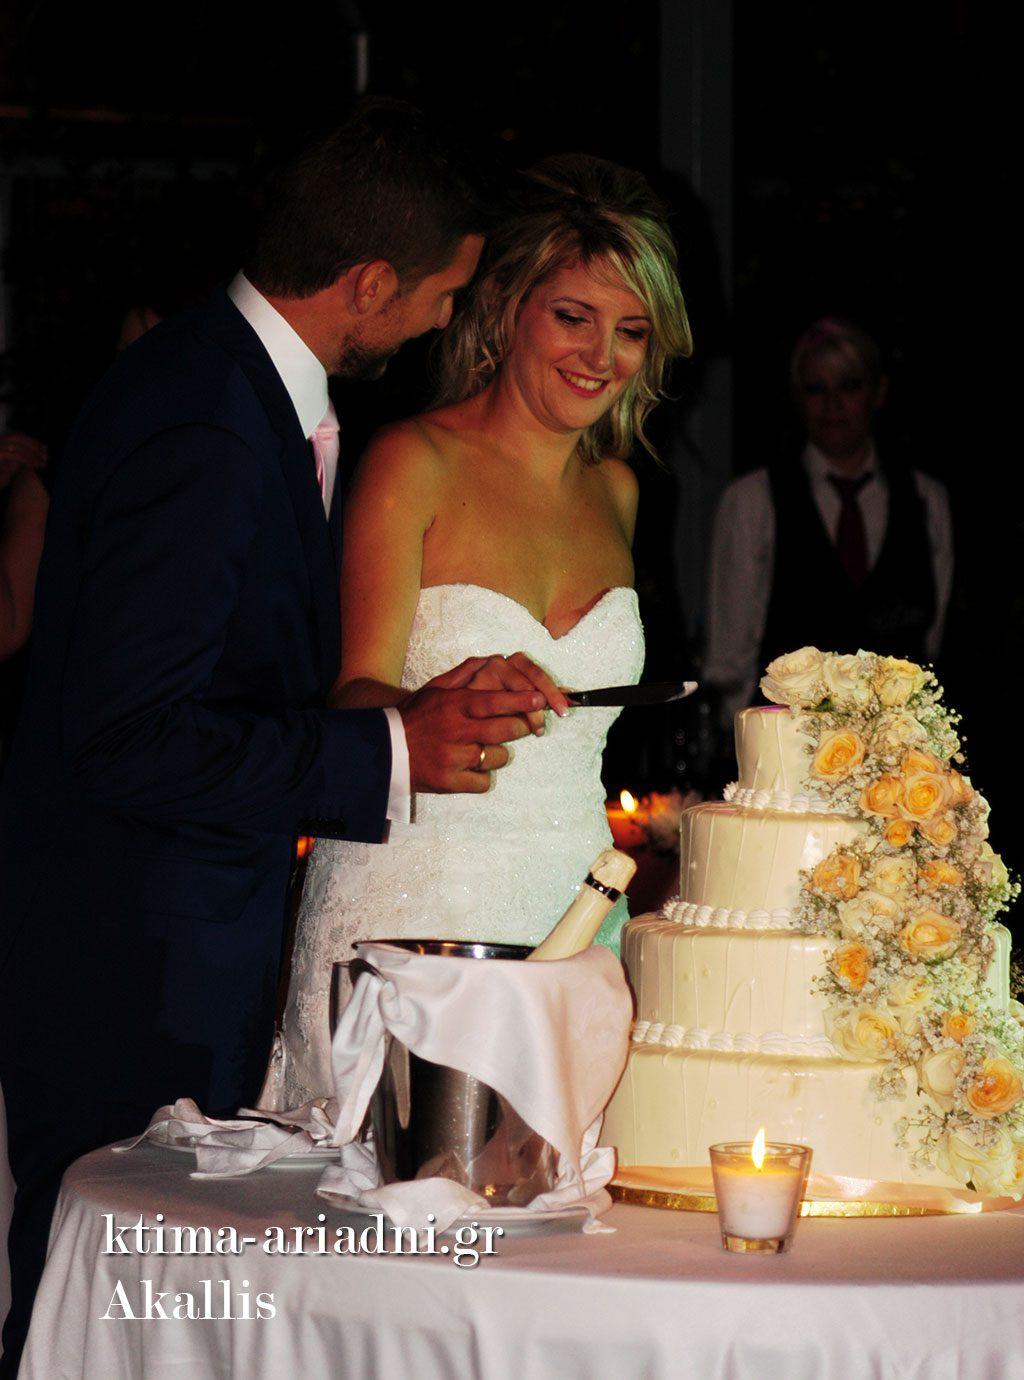 Η νεόνυμφοι κόβουν την τούρτα γάμου